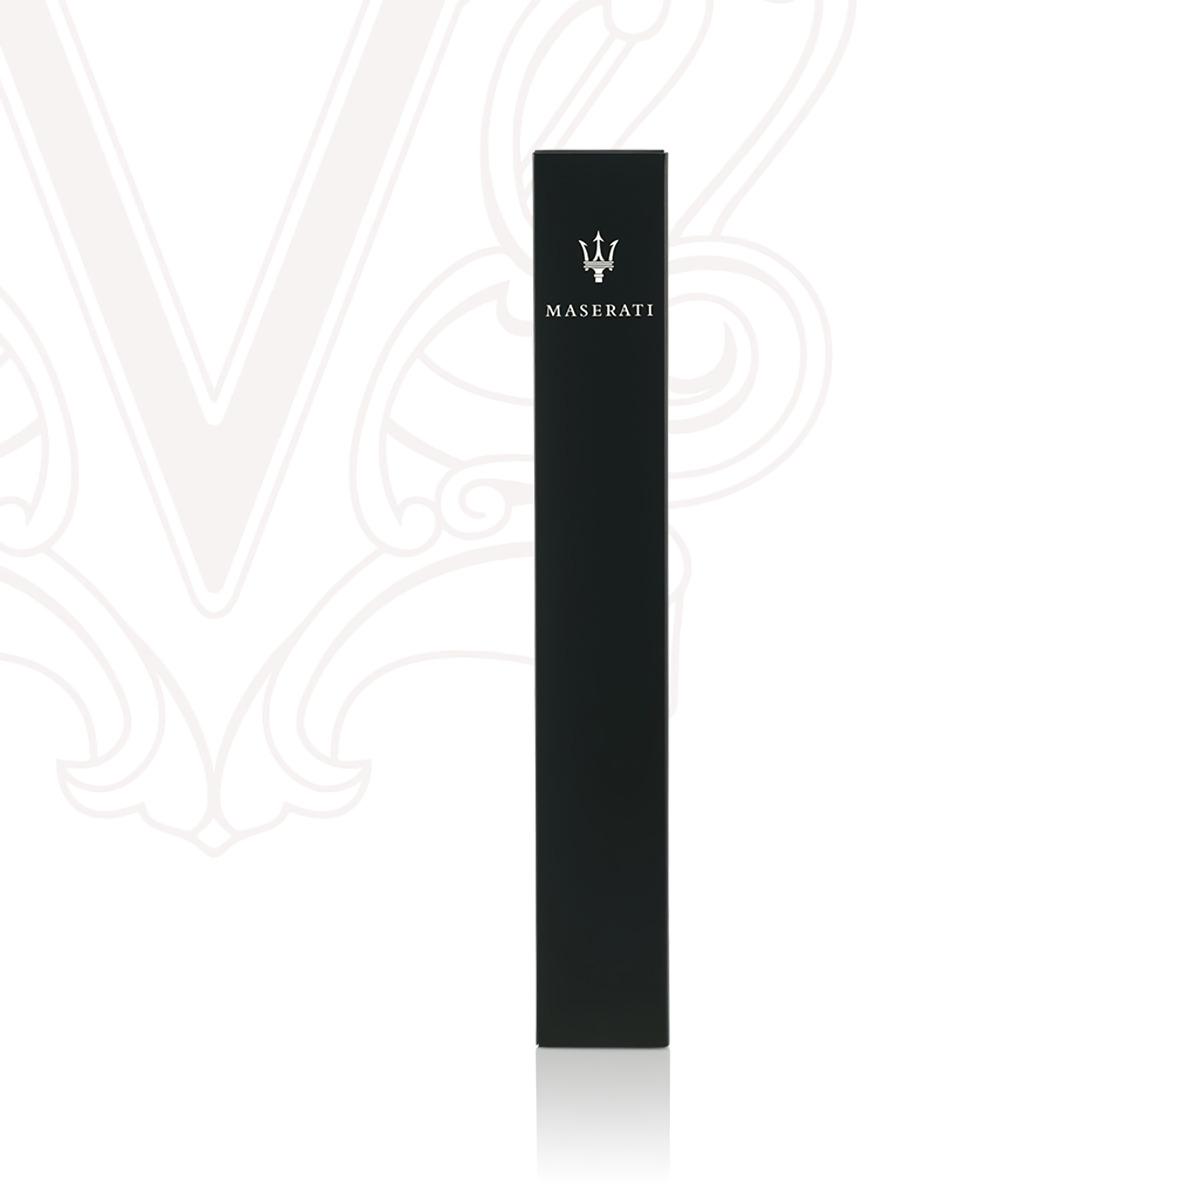 ドットール・ヴラニエス Dr.Vranjes ディフューザー MASERATI マセラティ 500ml